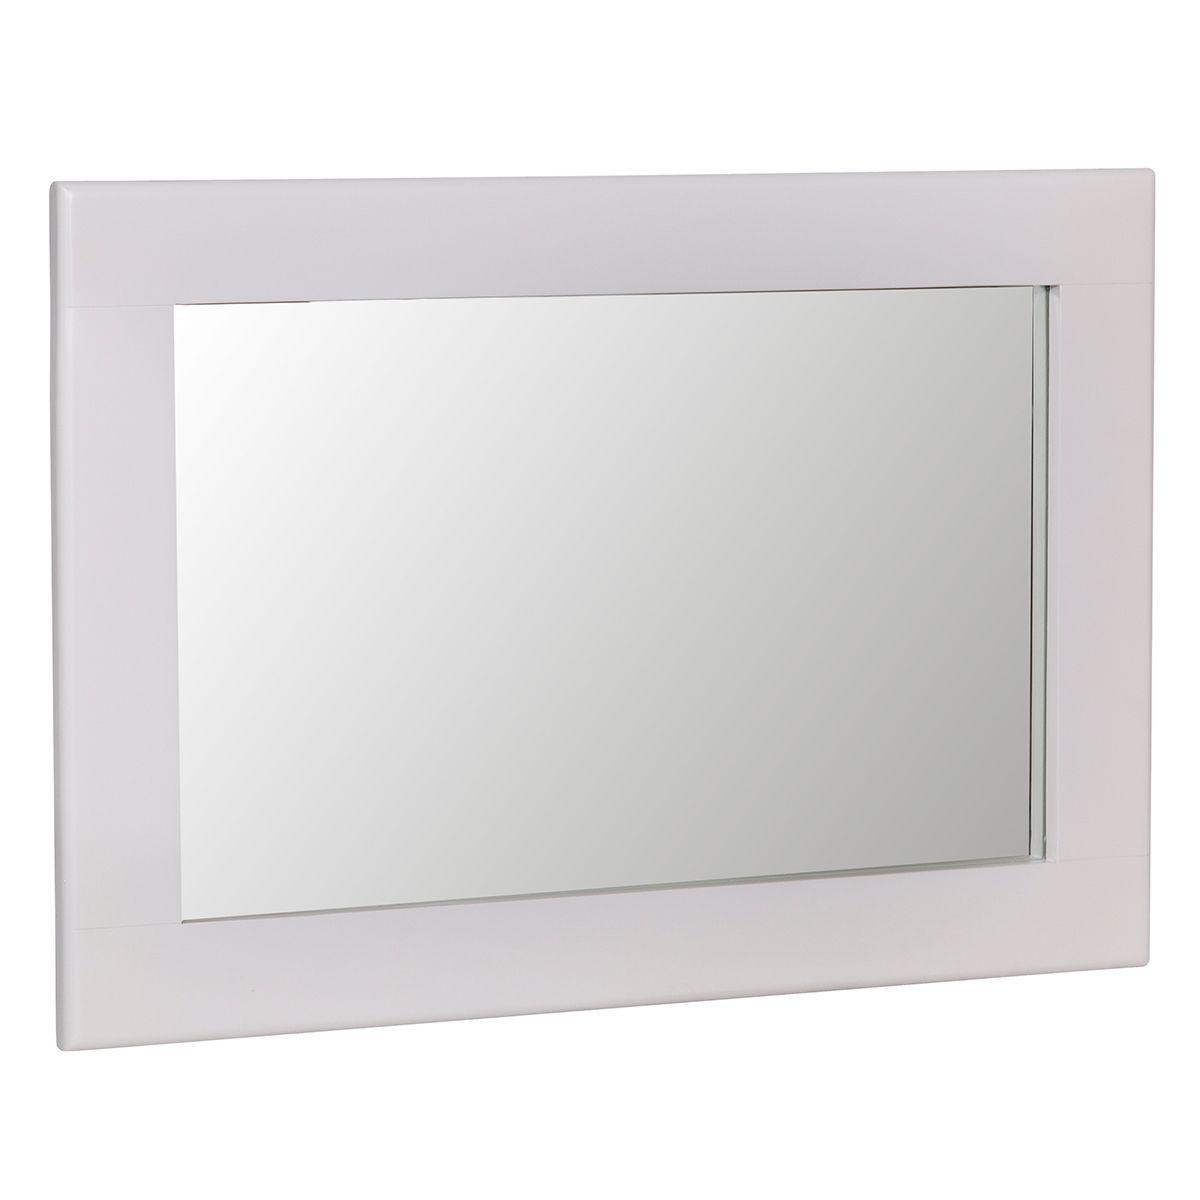 Notswood Wall Mirror